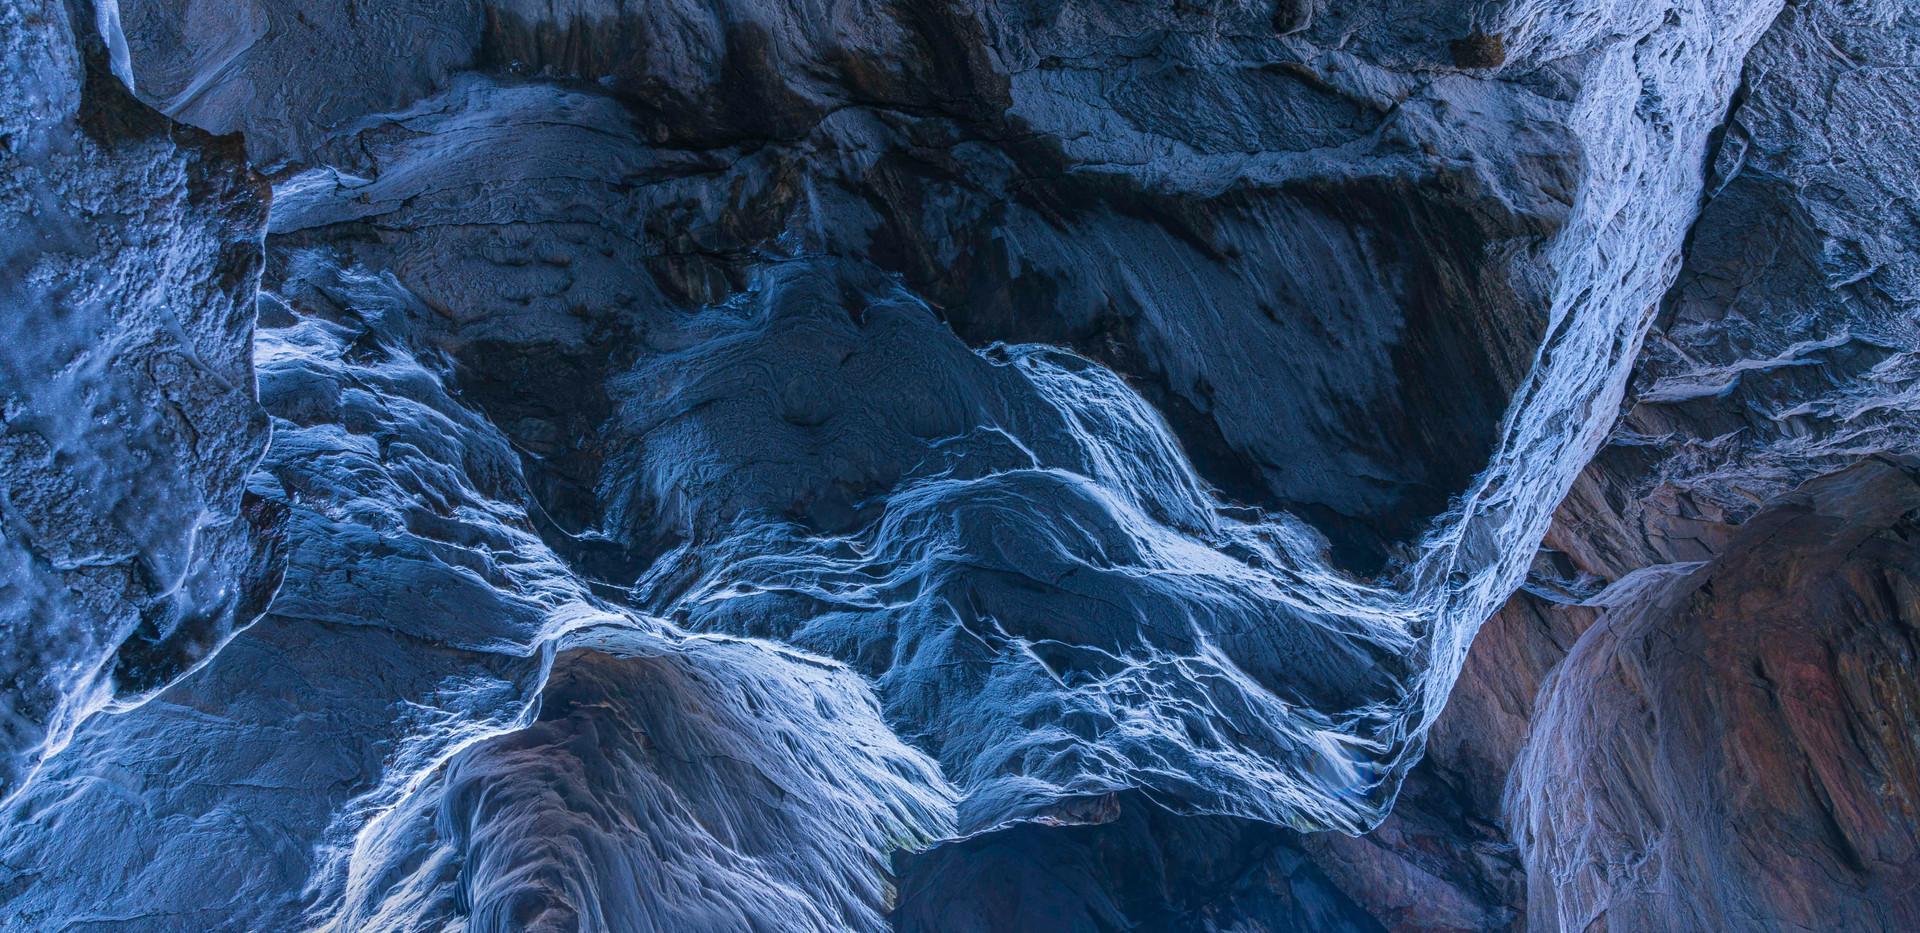 Ice Caves. Dover Stone, NY